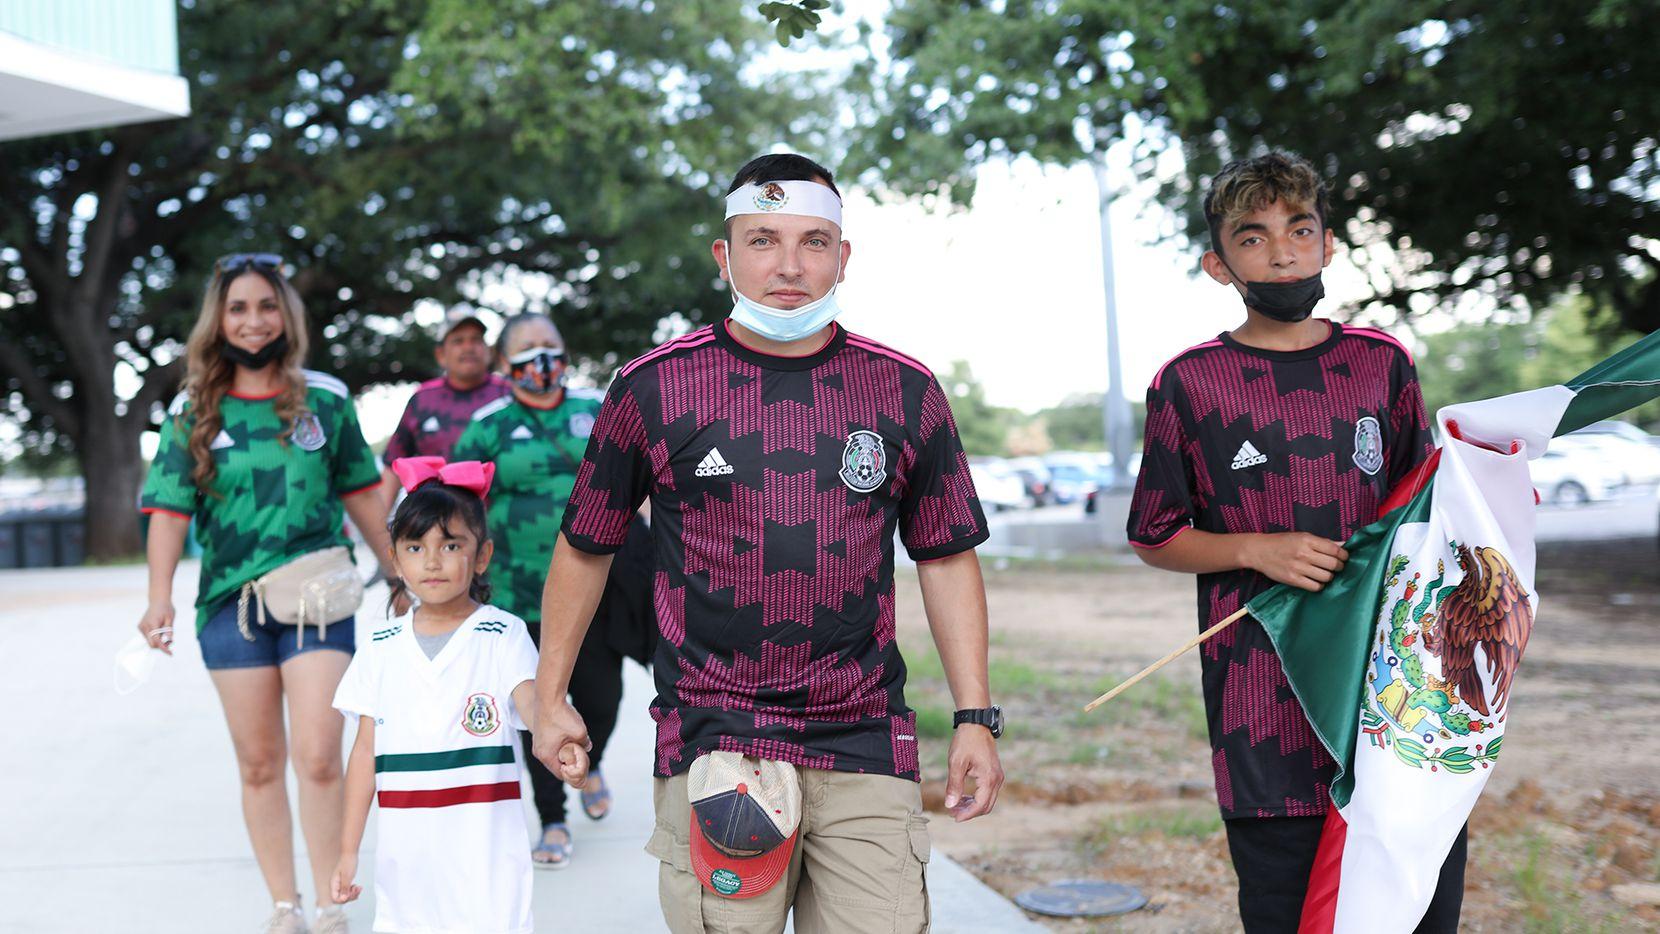 Seguidores de la selección mexicana arriban al Cotton Bowl de Dallas para ver el juego entre el Tri y Guatemala, el 14 de julio de 2021.